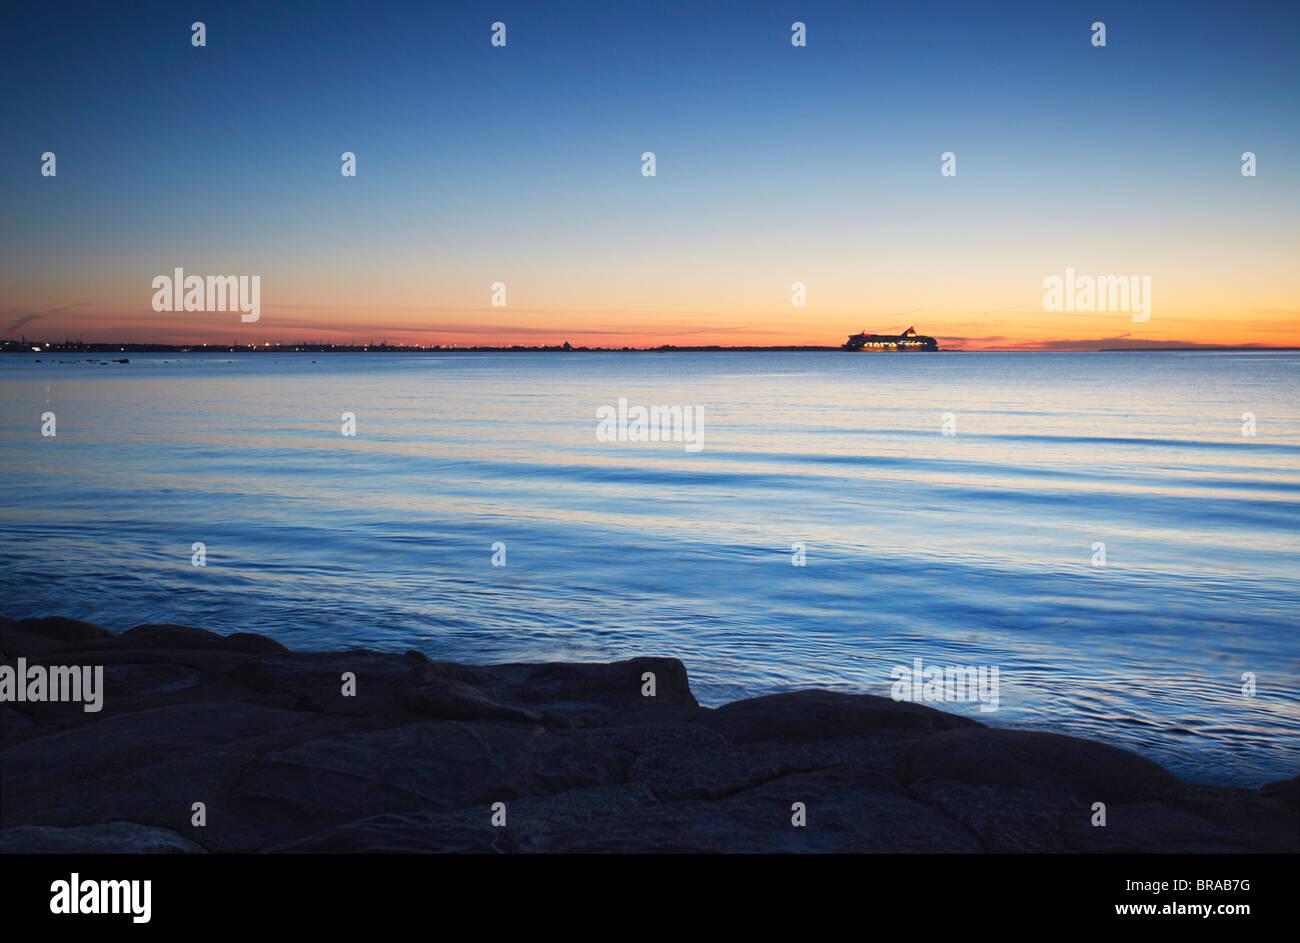 Tallink Ferry on horizon coming into port, Tallinn, Estonia, Baltic States, Europe - Stock Image